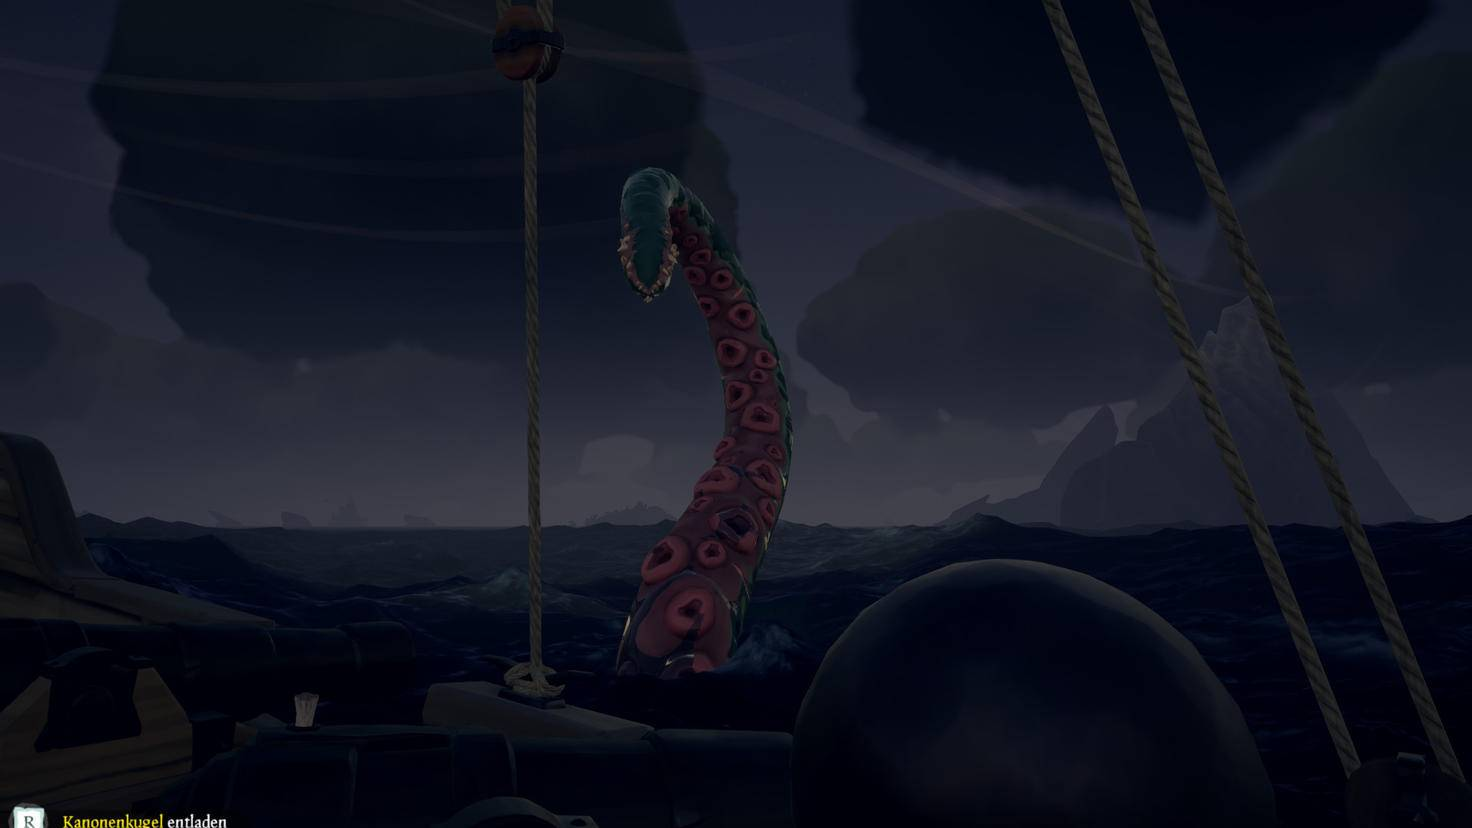 Jetzt wird's ernst: Wenn der Kraken auftaucht, besteht für Schiff und Crew höchste Gefahr!